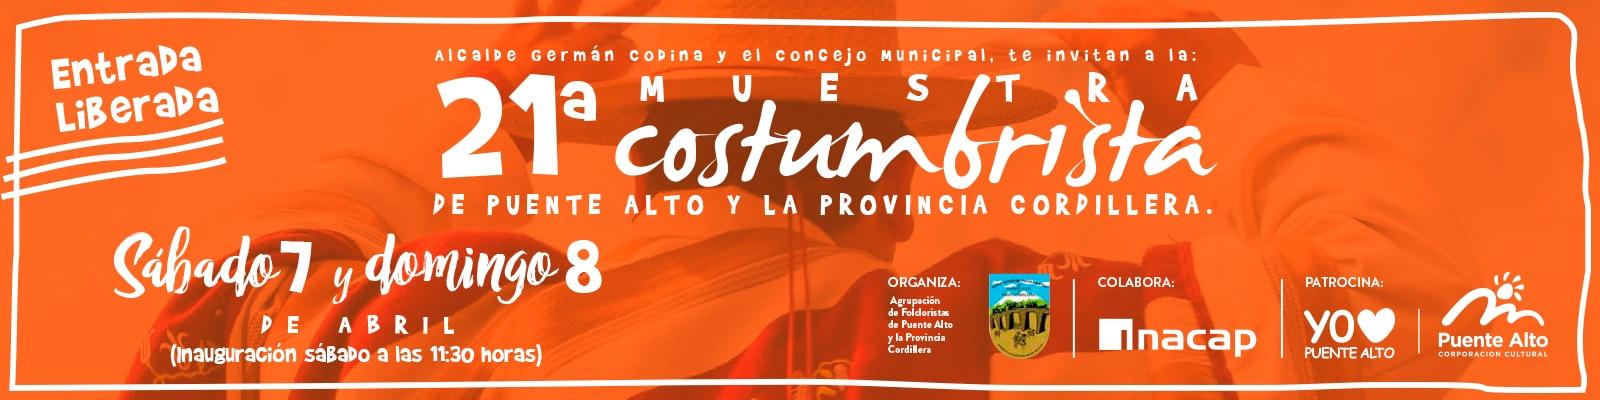 21ª Muestra Costumbrista de Puente Alto y la Provincia Cordillera.